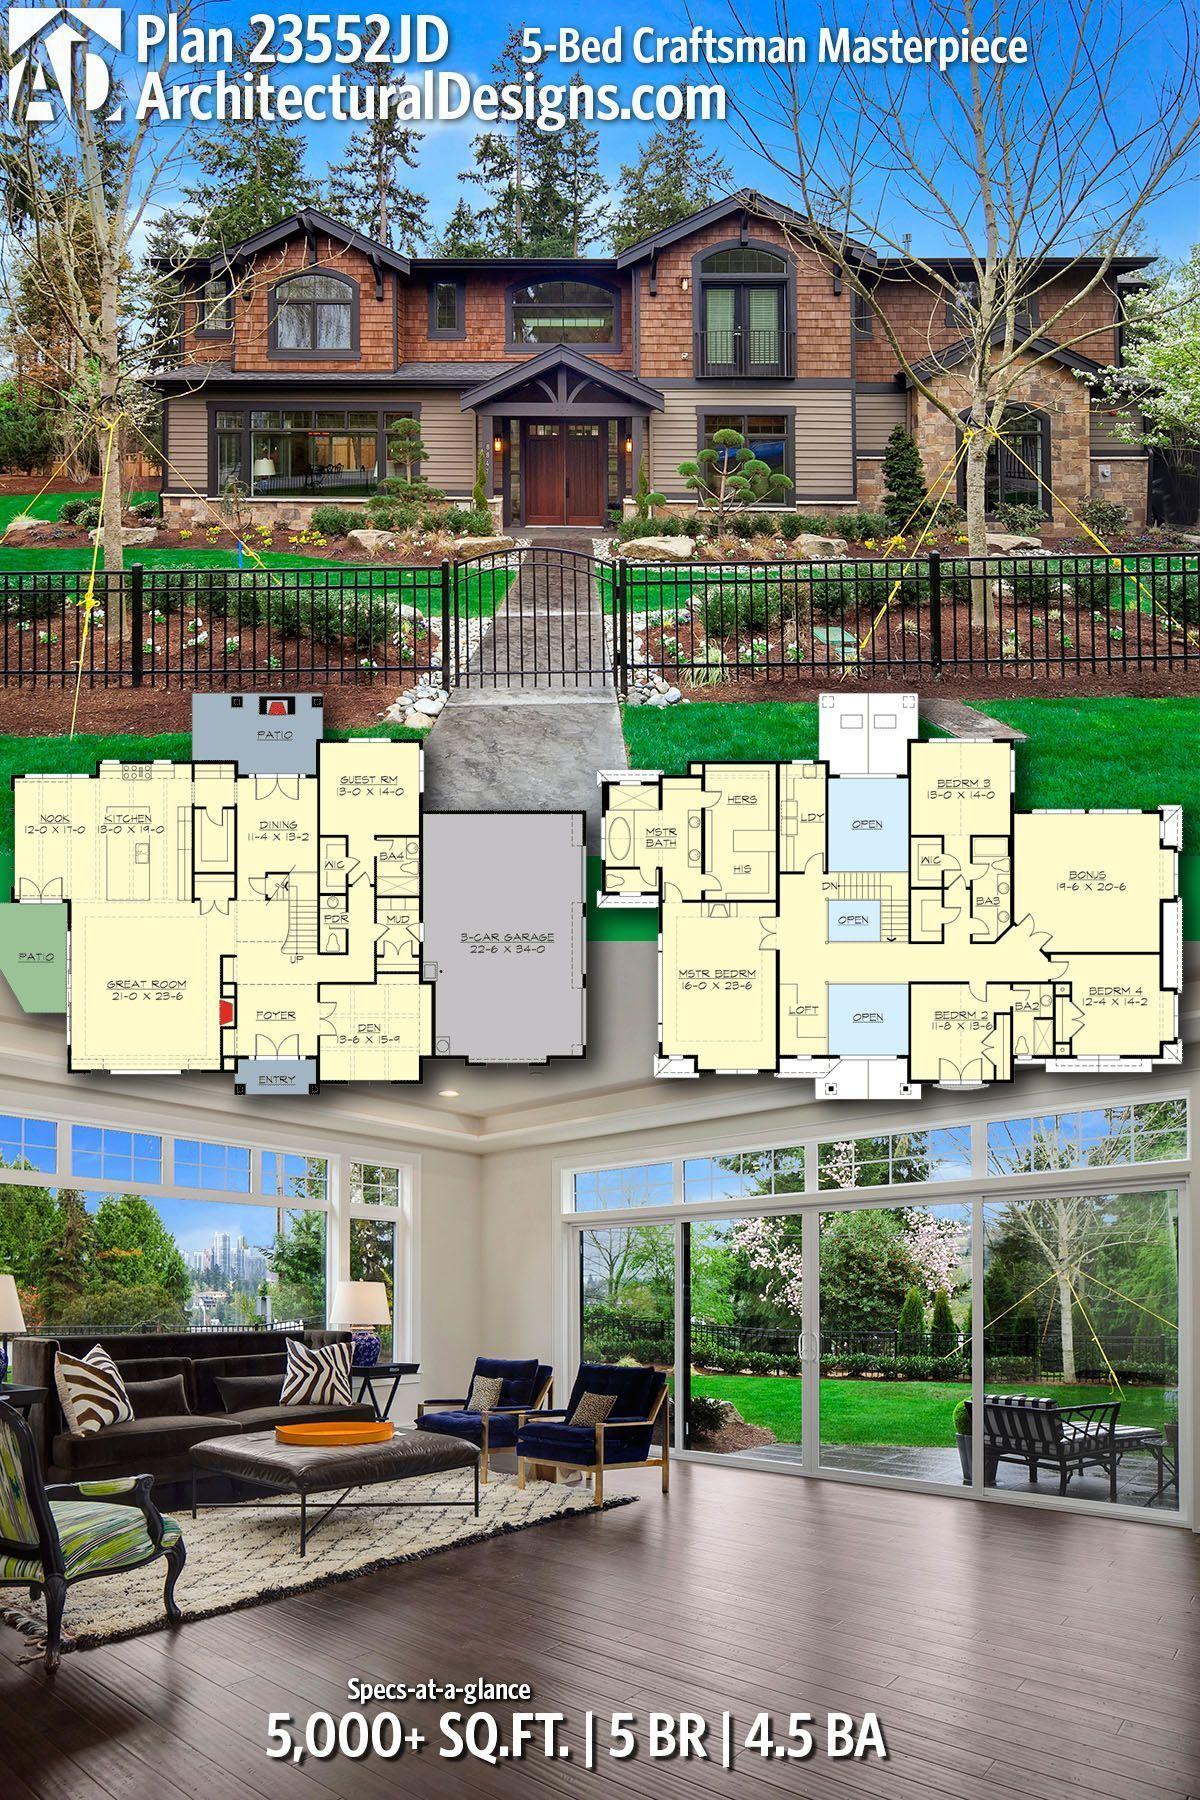 Interior Design Ideas For Diy Home Decor En 2020 Plan Maison Belle Maison Maison Sims